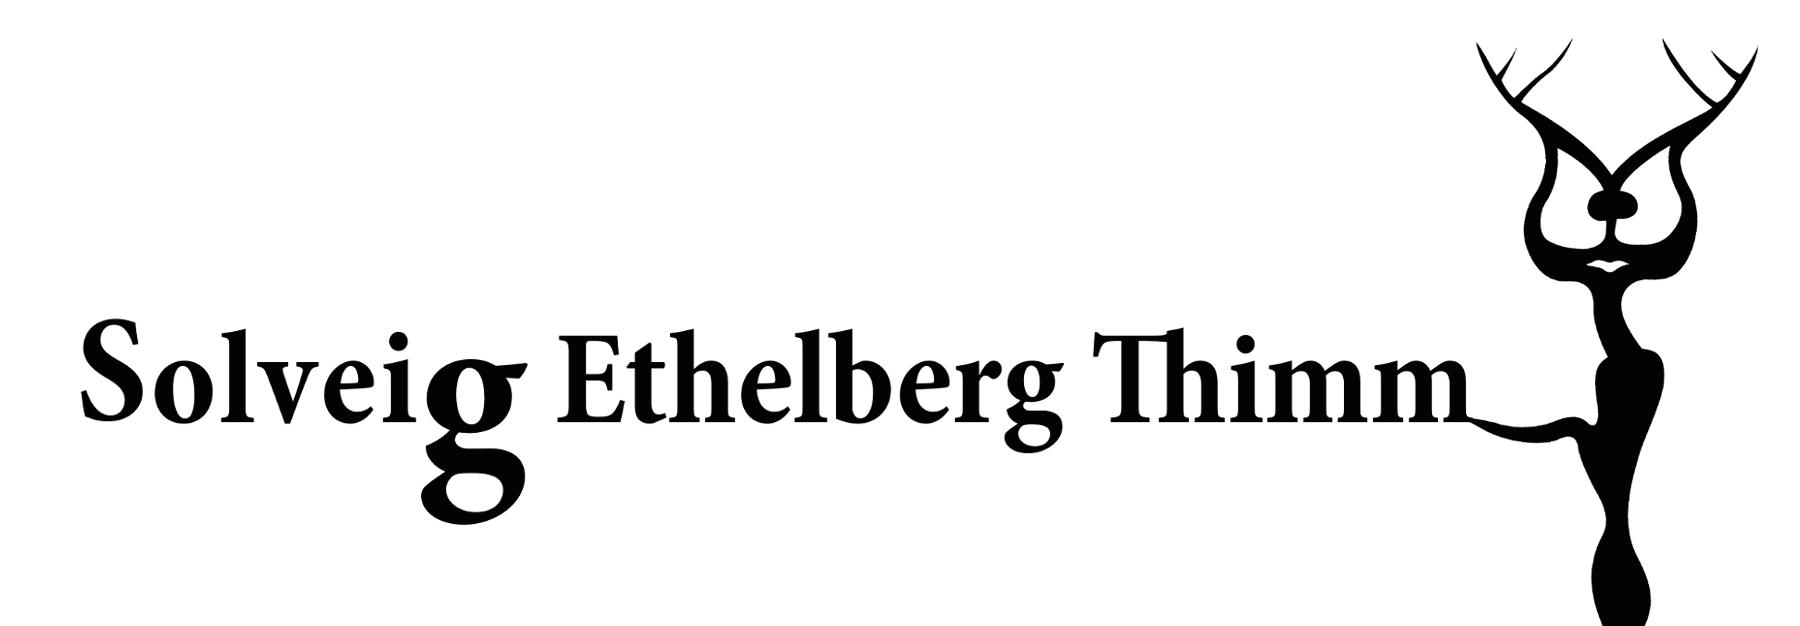 Solveig Ethelberg Thimm-artist, photographer, graphic designer